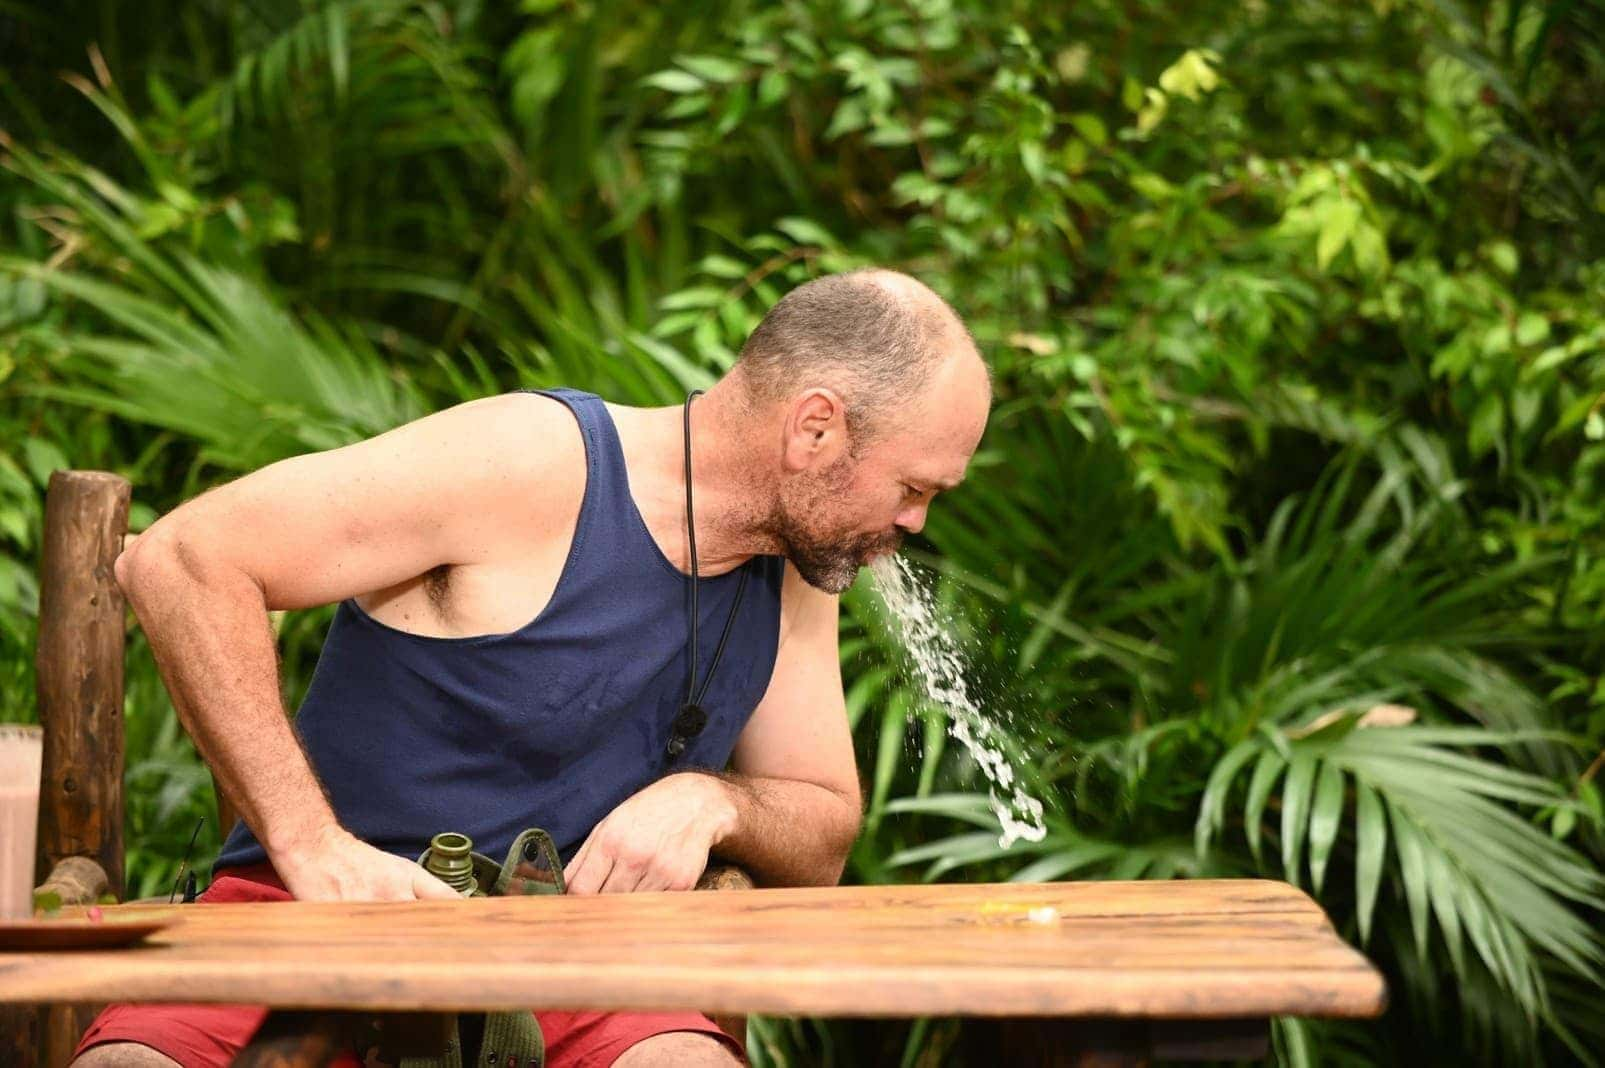 Dschungelcamp 2020 Finale Sven Ottke Prüfung